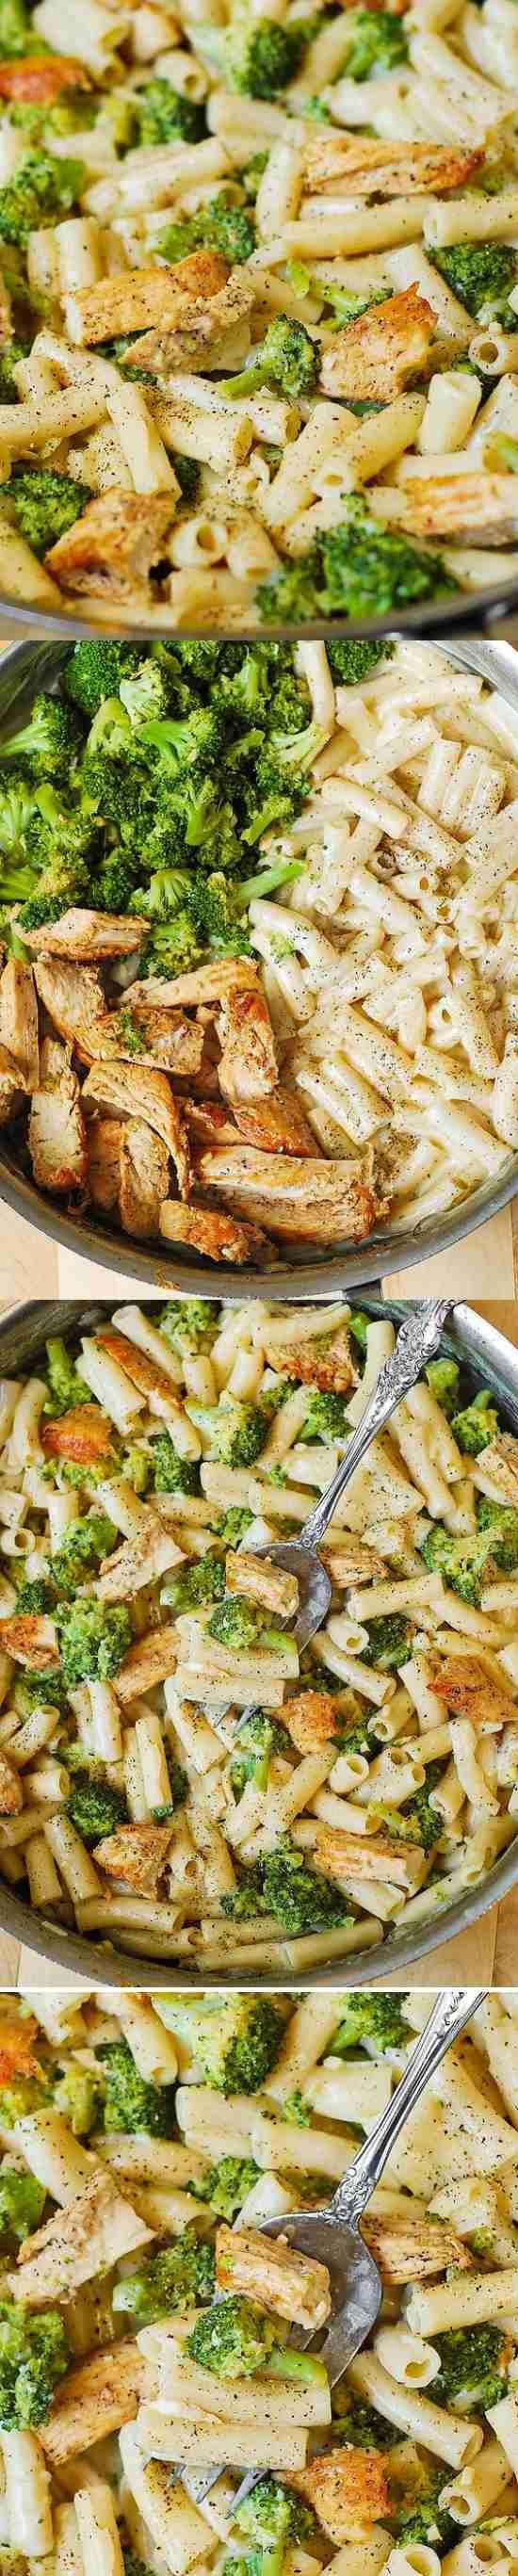 Chicken Broccoli Alfredo Penne Pasta – chicken breast, broccoli, garlic in a simple homemade creamsauce. Delicious, creamy, Italian-style pasta dinner. …